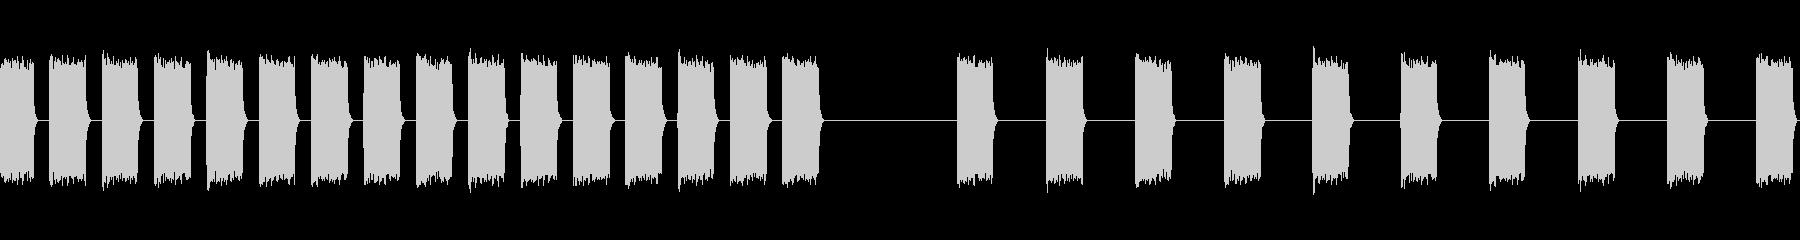 警告信号、2バージョン、シャープ、...の未再生の波形